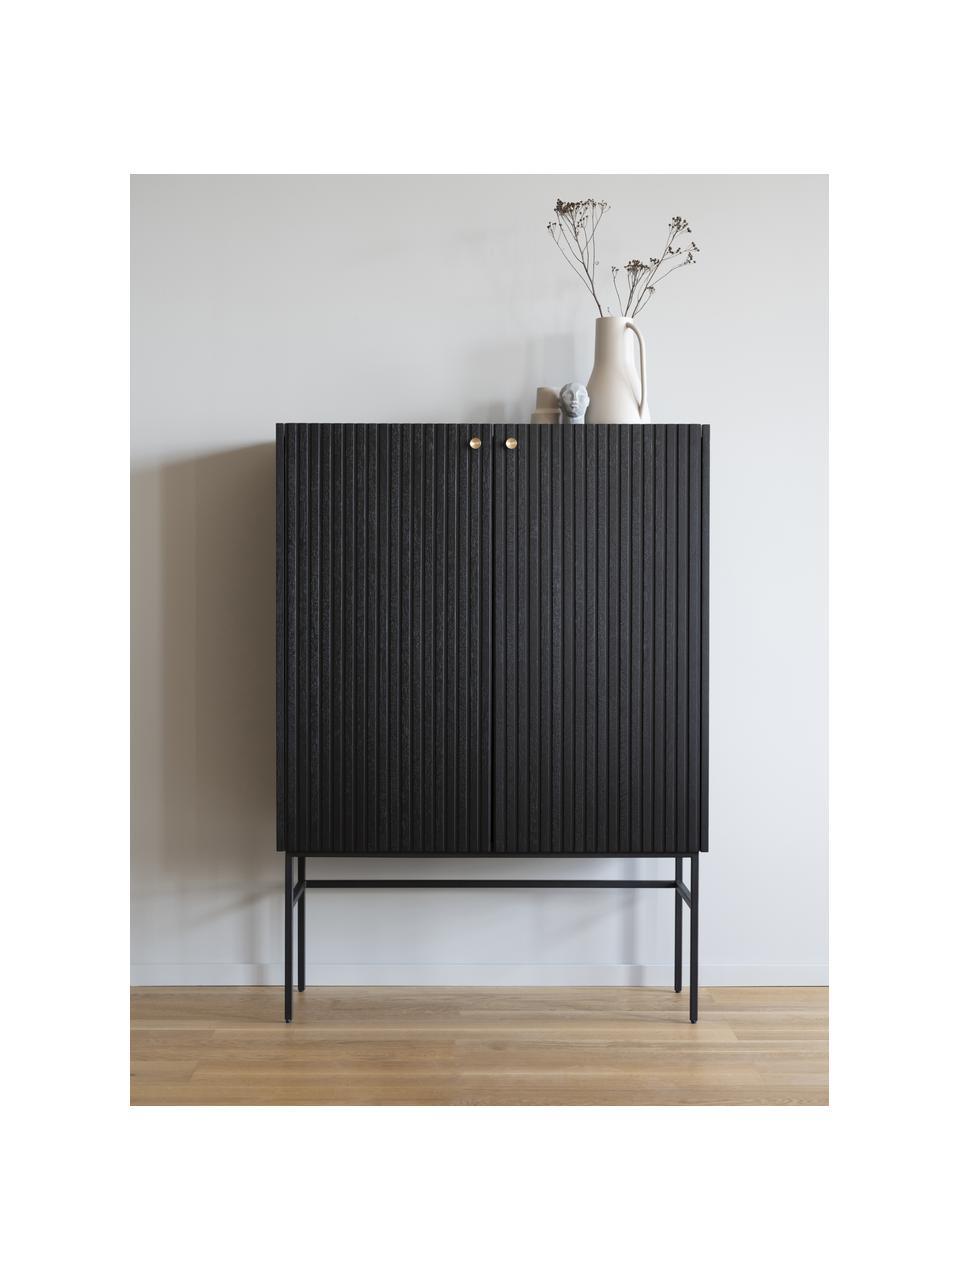 Credenza alta nera con frontale scanalato Halifax, Struttura: pannello di fibra a media, Gambe: metallo verniciato a polv, Nero, Larg. 100 x Alt. 140 cm